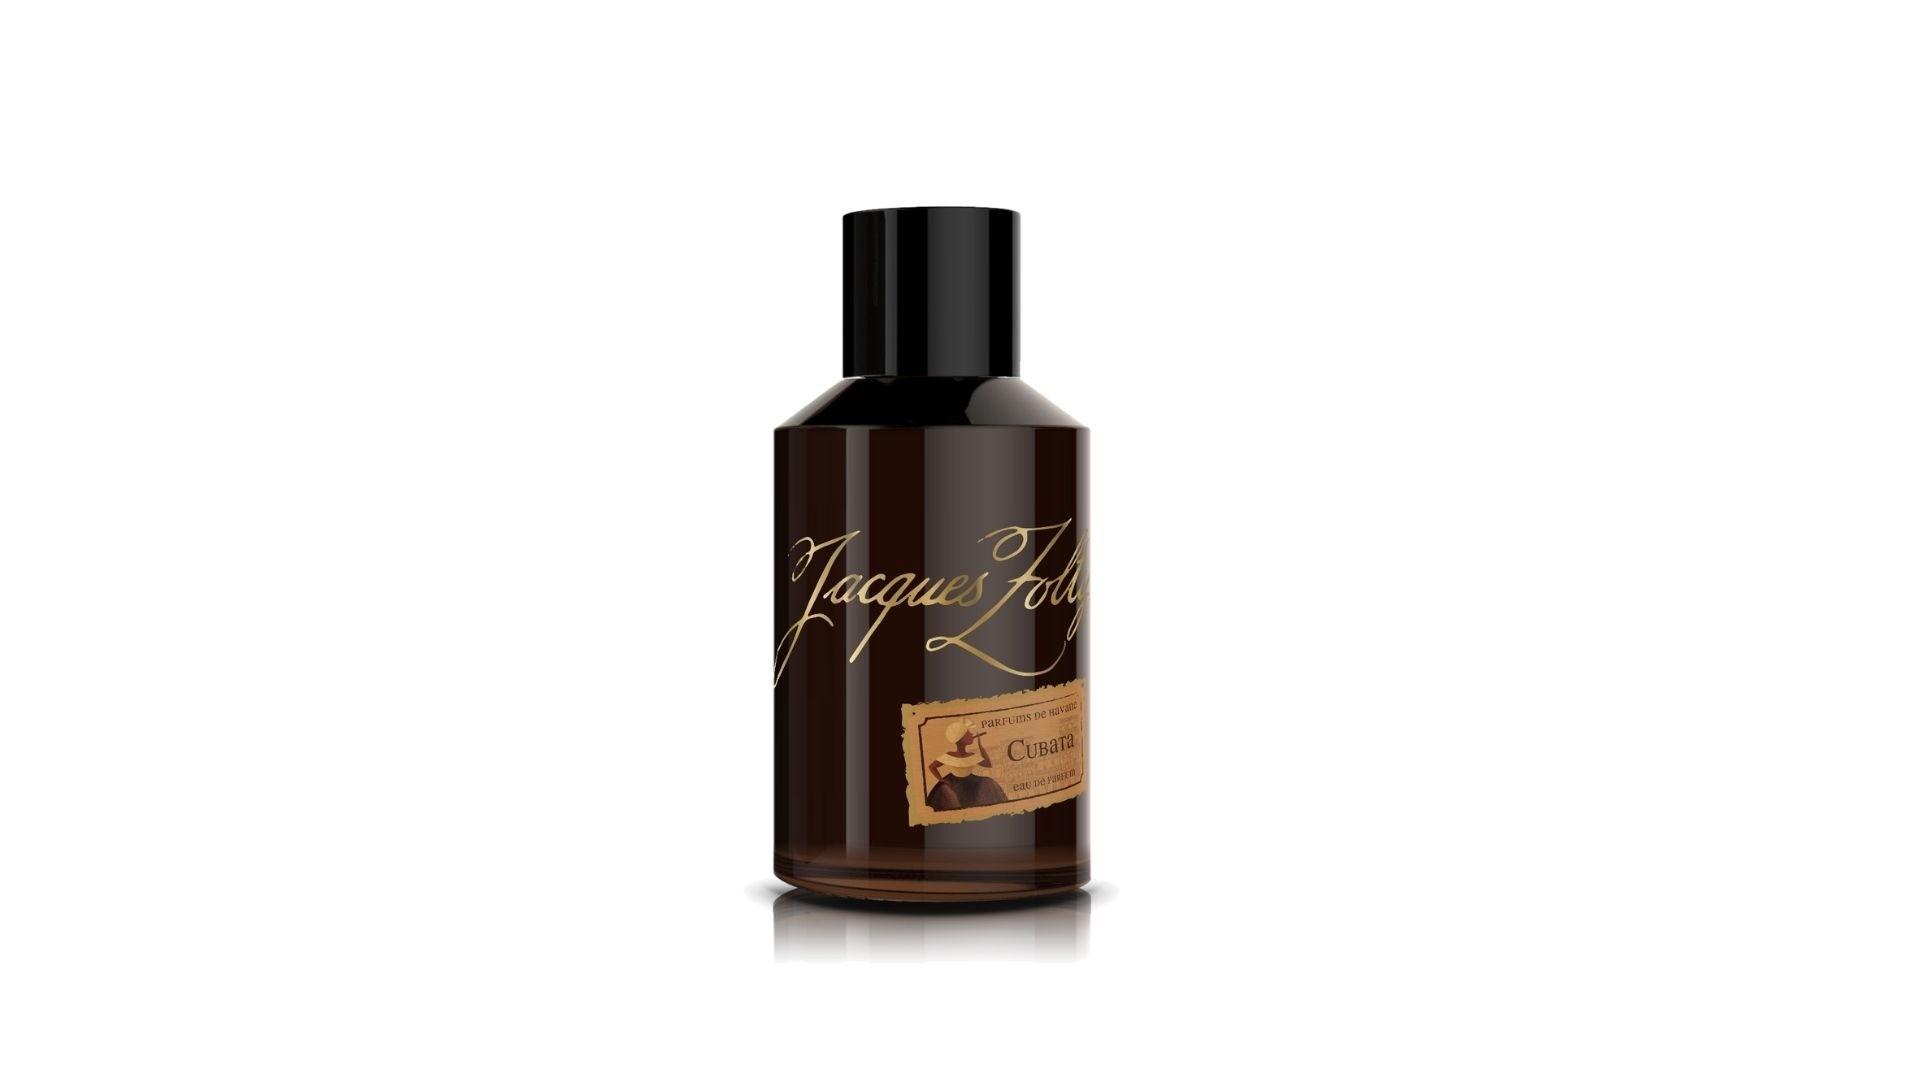 Древесный аромат Severo Parfums de Havane, Jacques Zolty